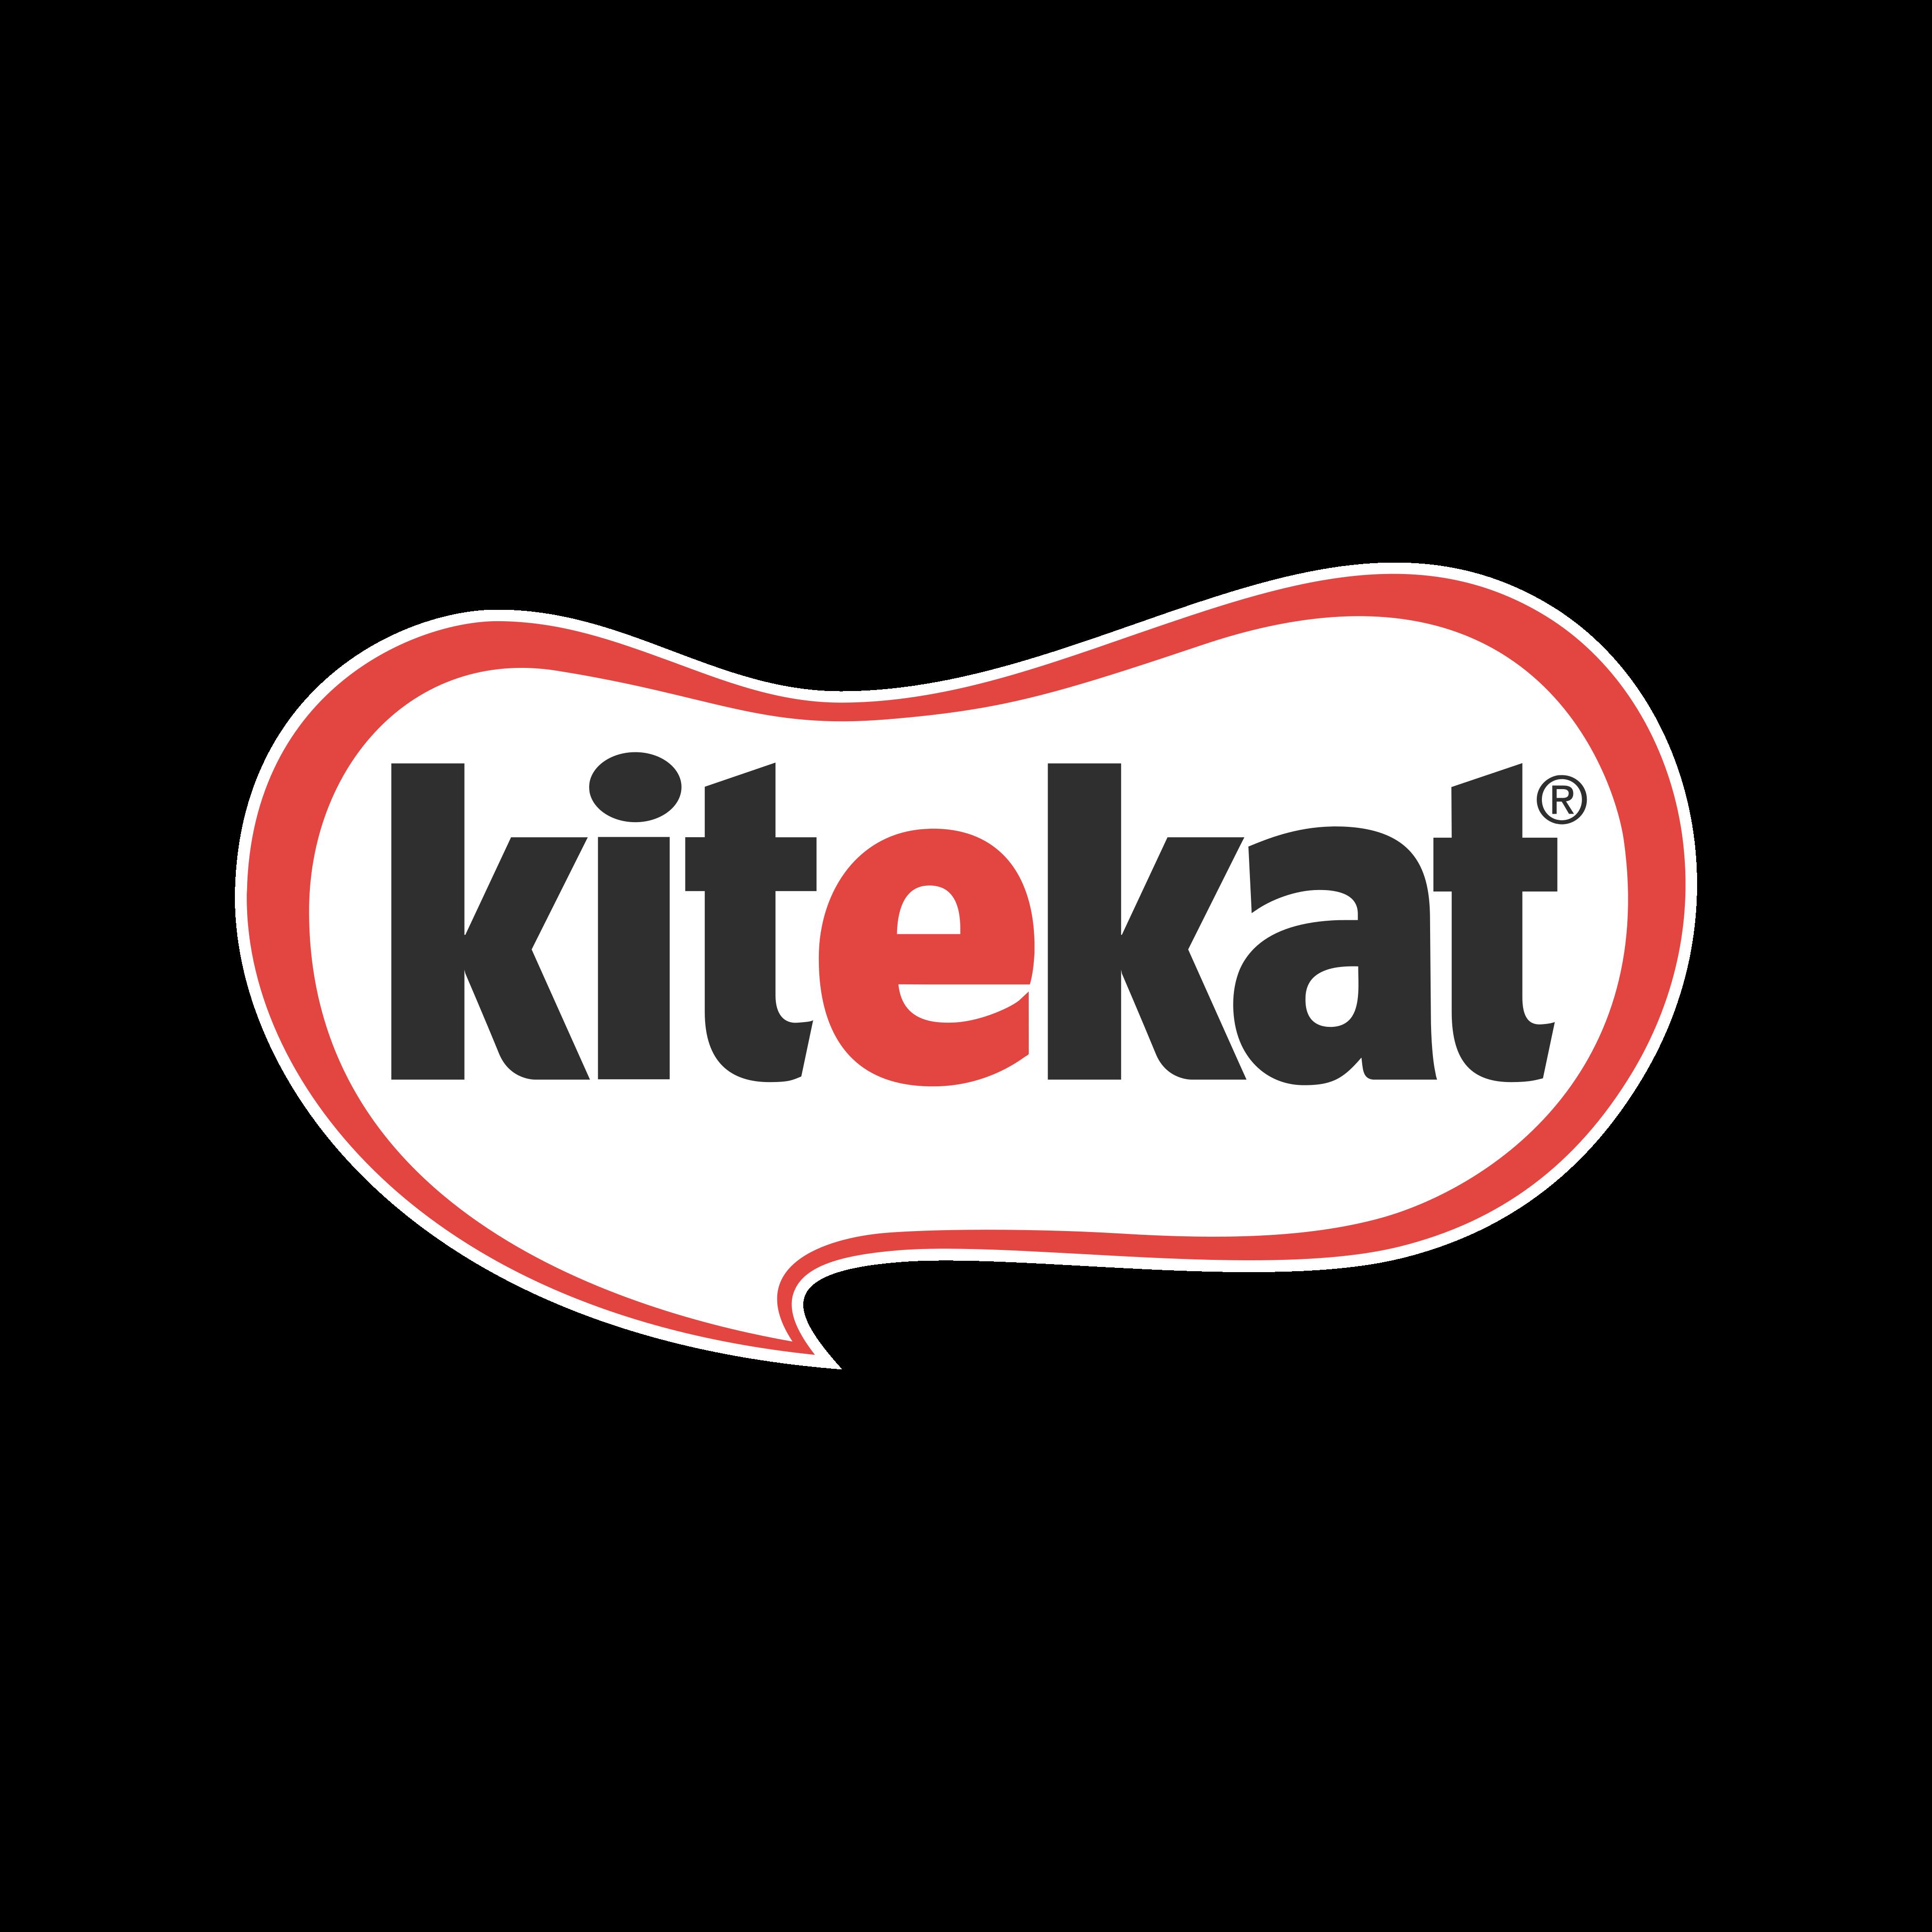 kitekat logo 0 - Kitekat Logo